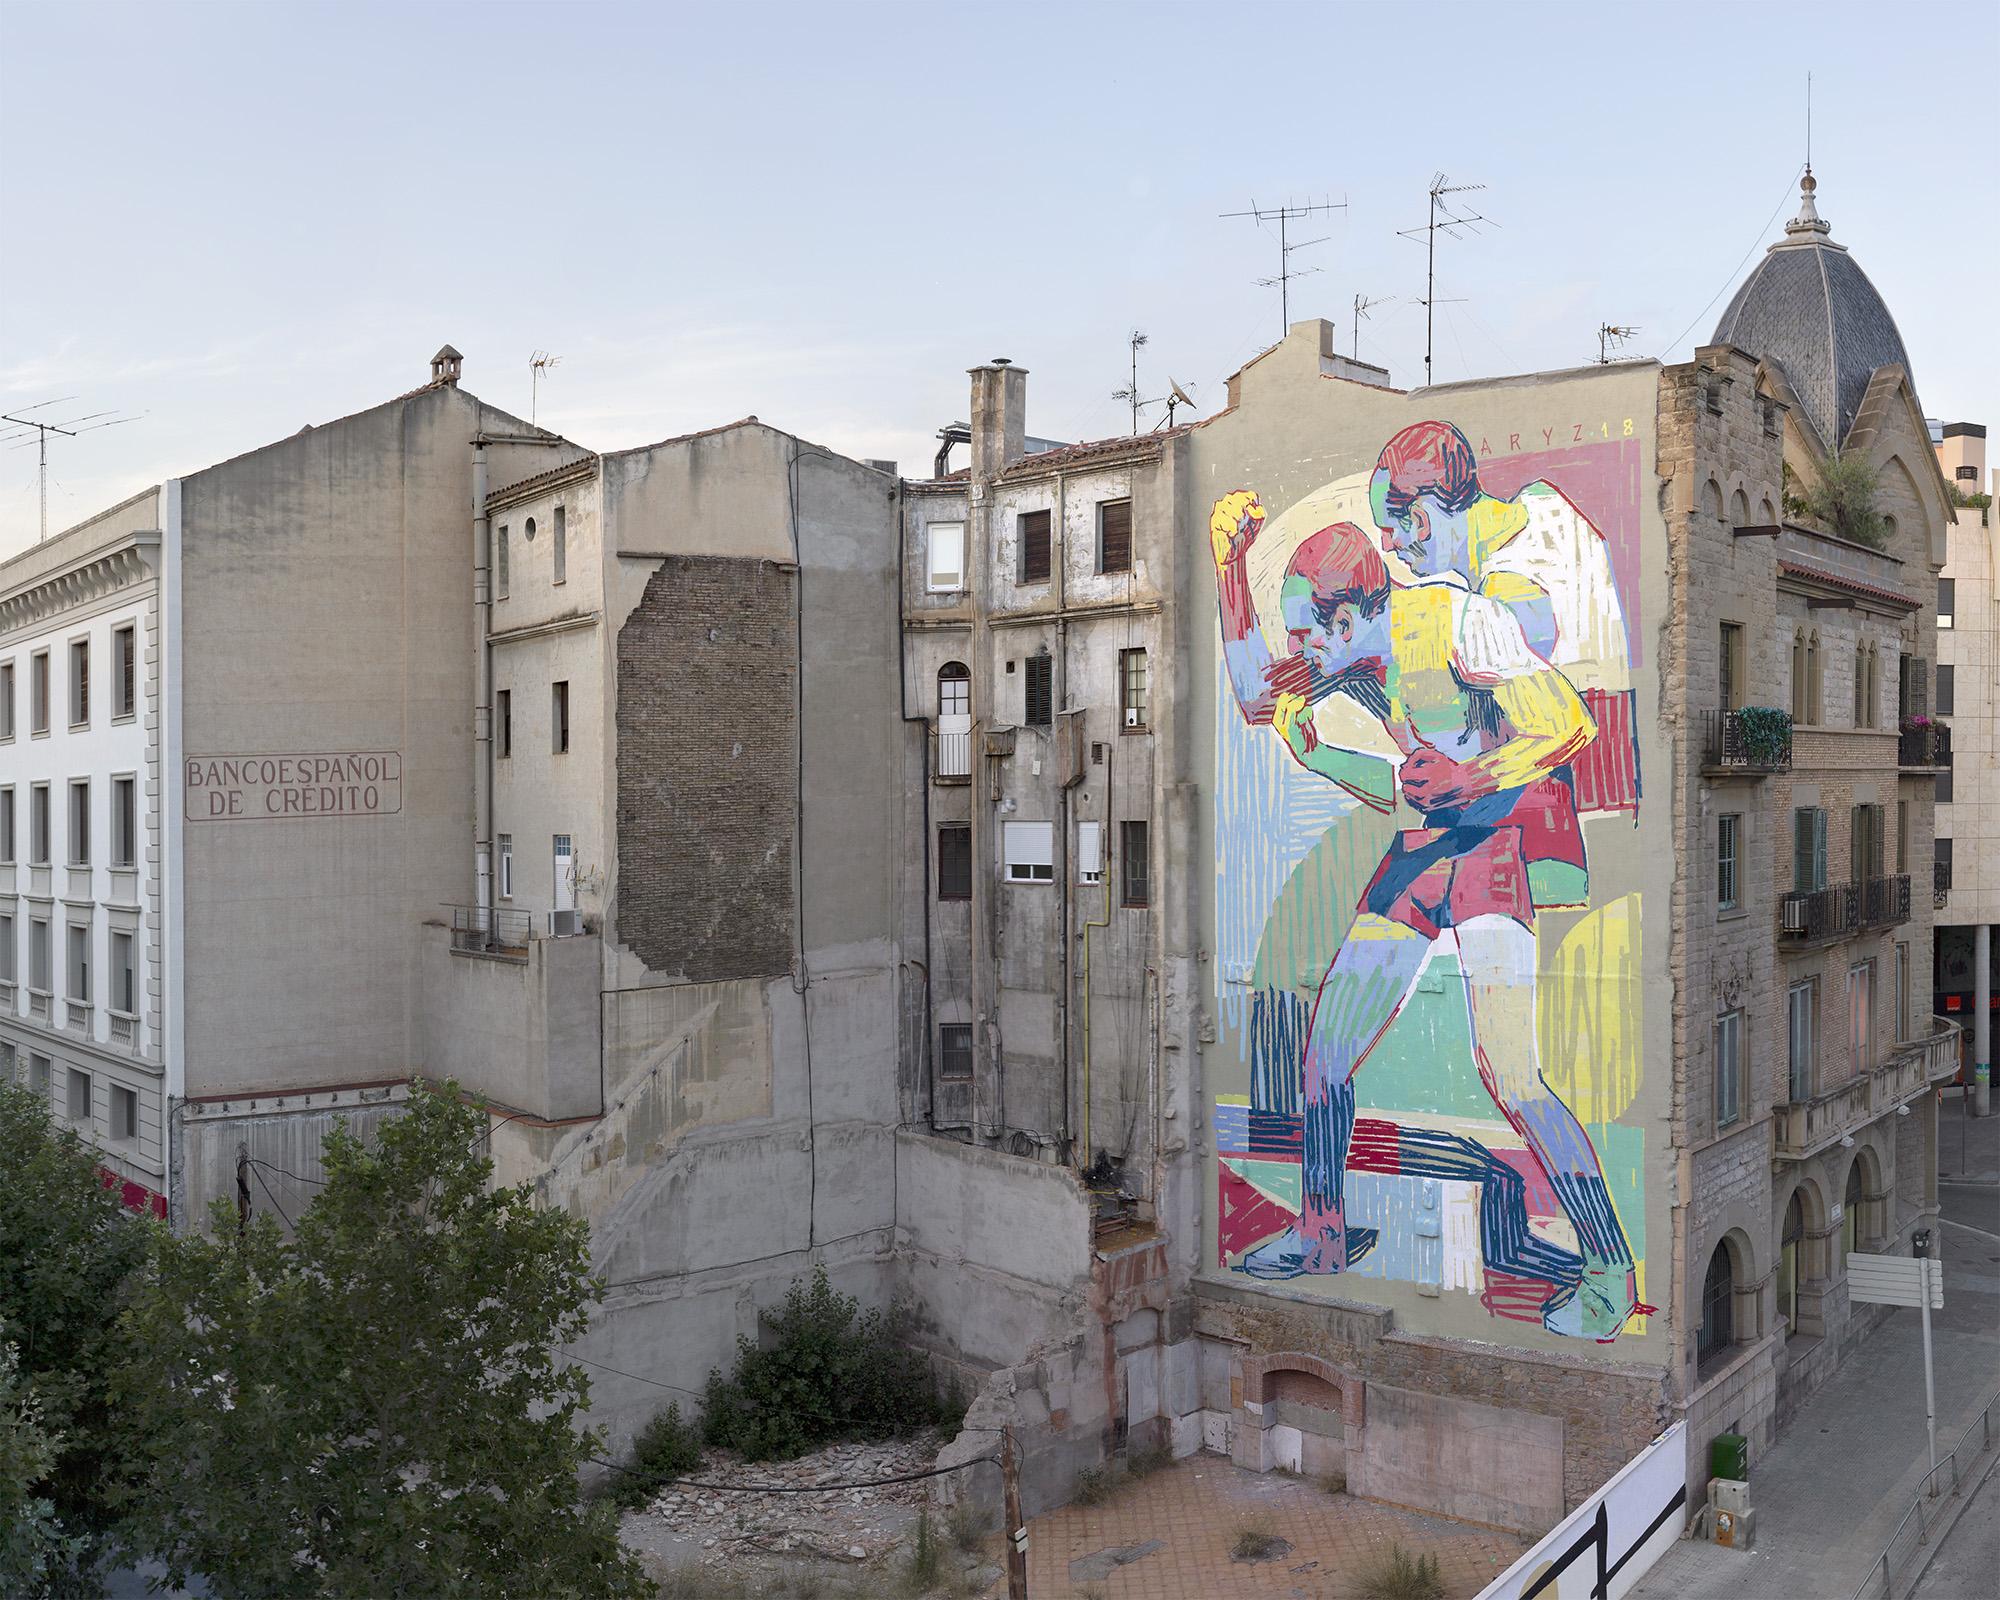 Aryz street art Manresa Linz